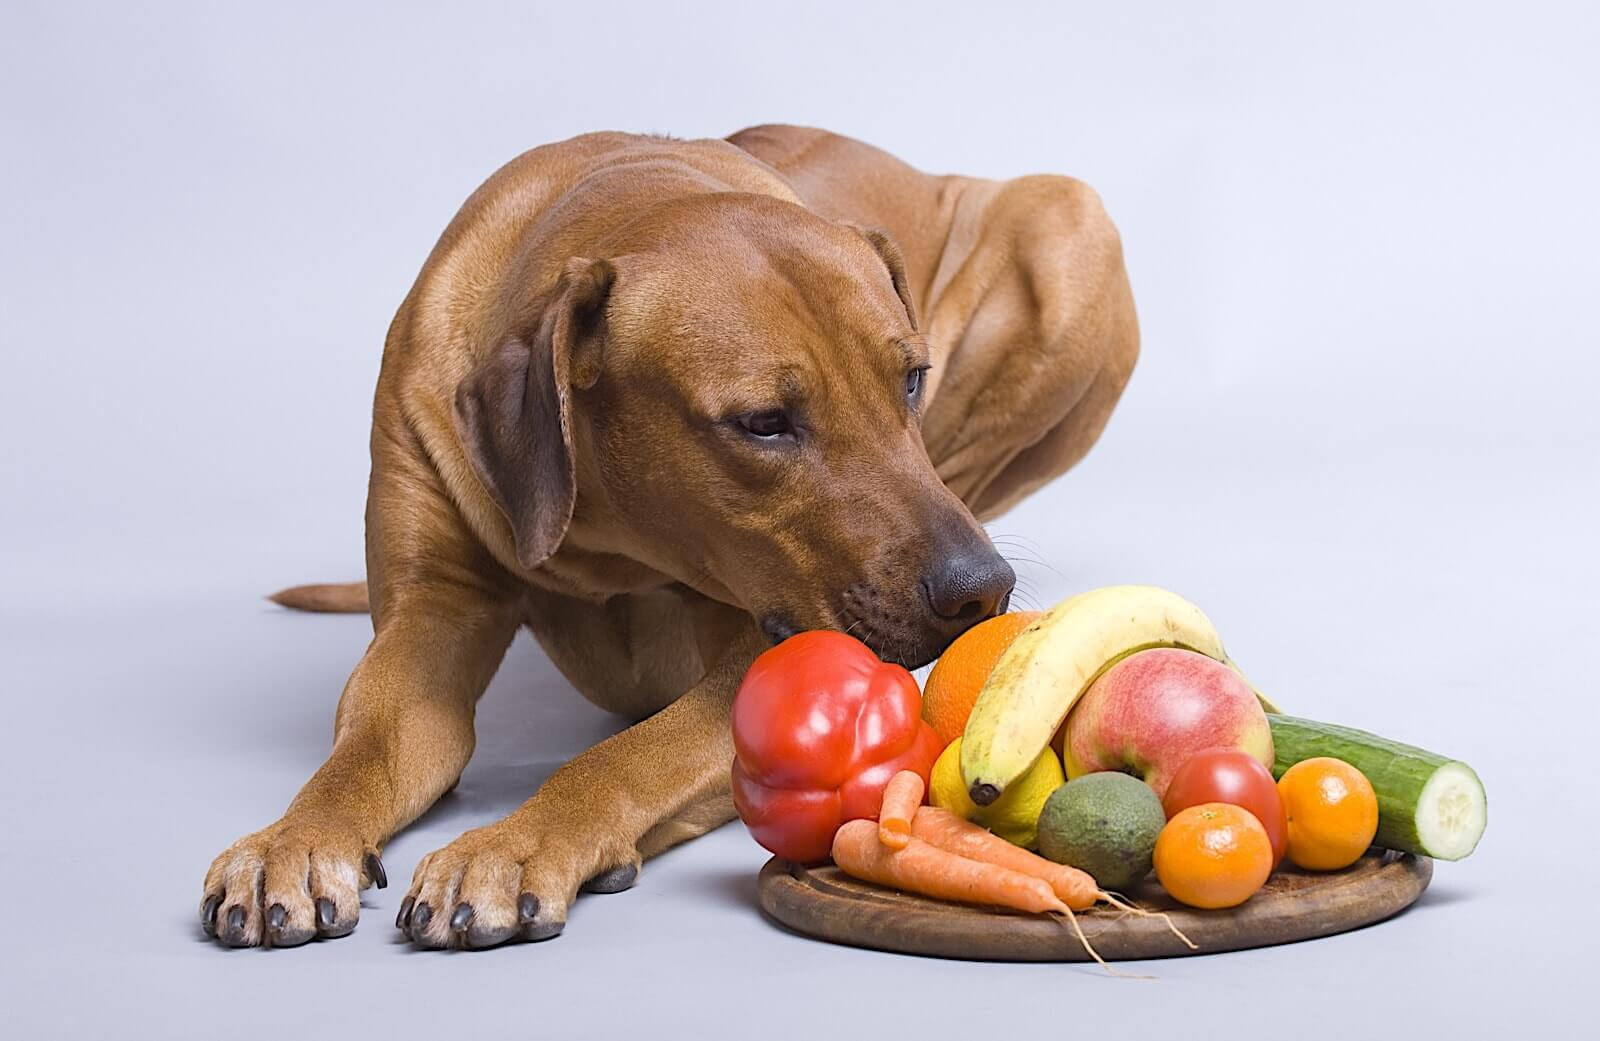 картинка еда для животных красивая